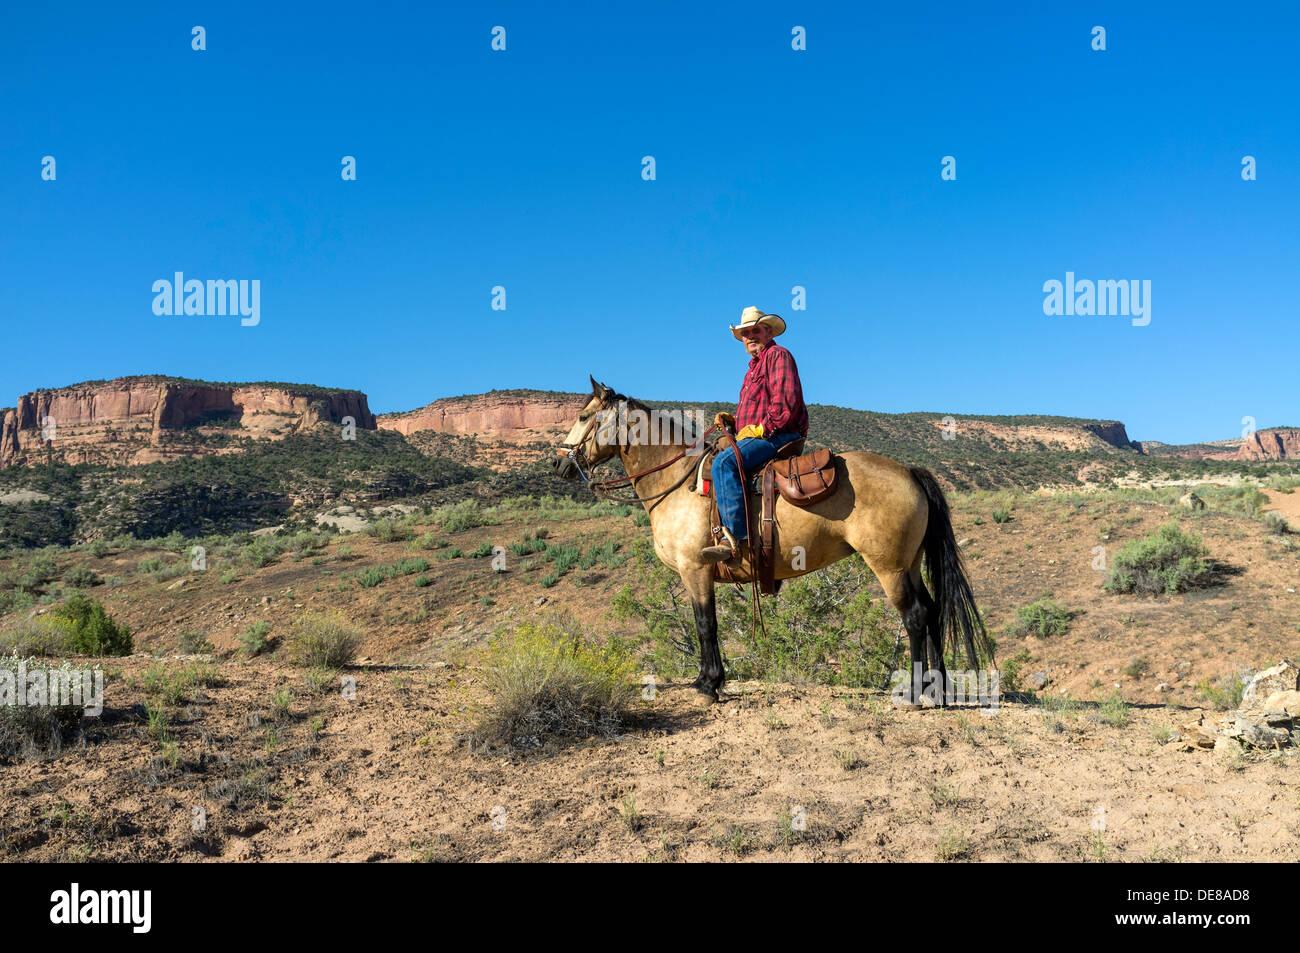 Hoy en día montar a caballo vaquero en su caballo en el desierto cerca del Monumento Nacional de Colorado, Colorado, EE.UU. Foto de stock